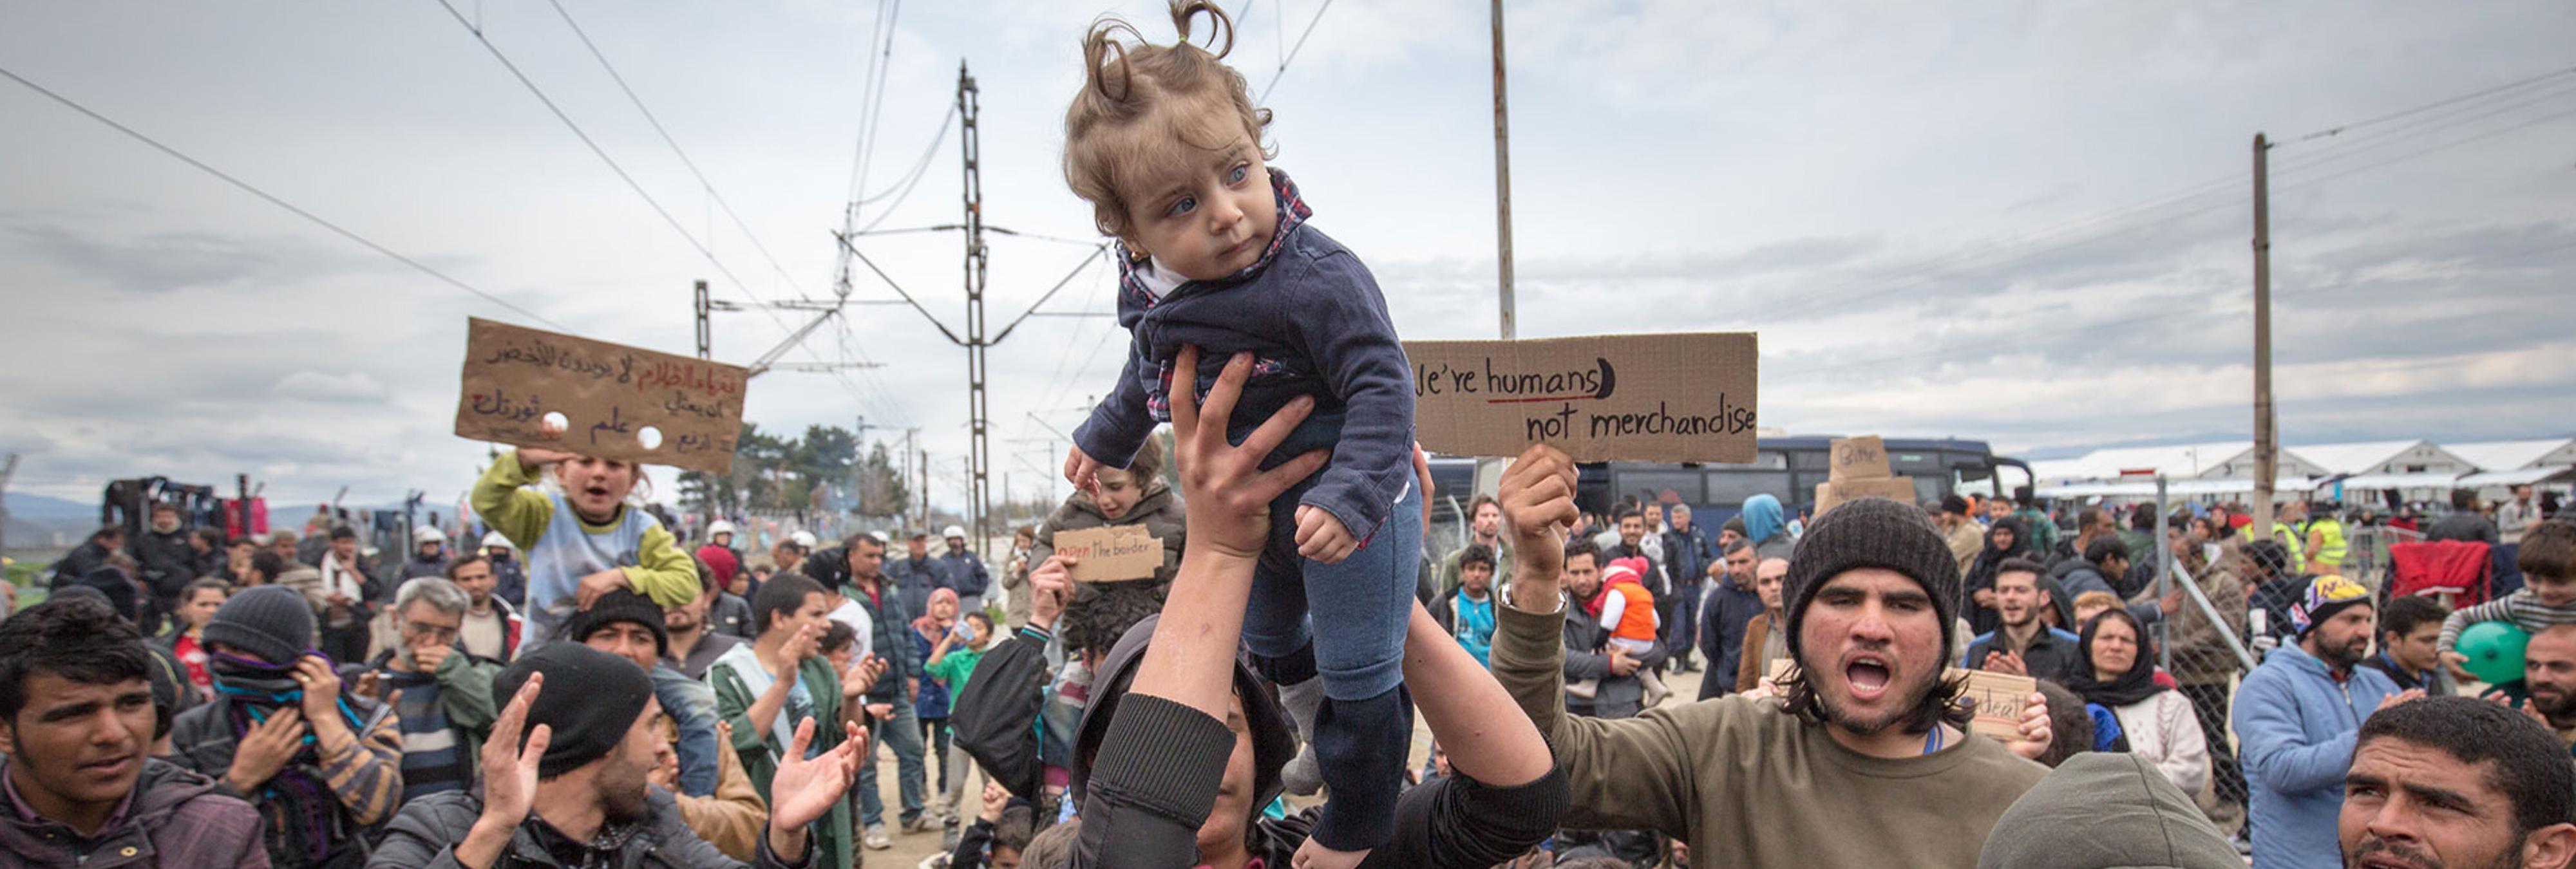 España sigue sin cumplir la cuota de refugiados comprometida con la UE